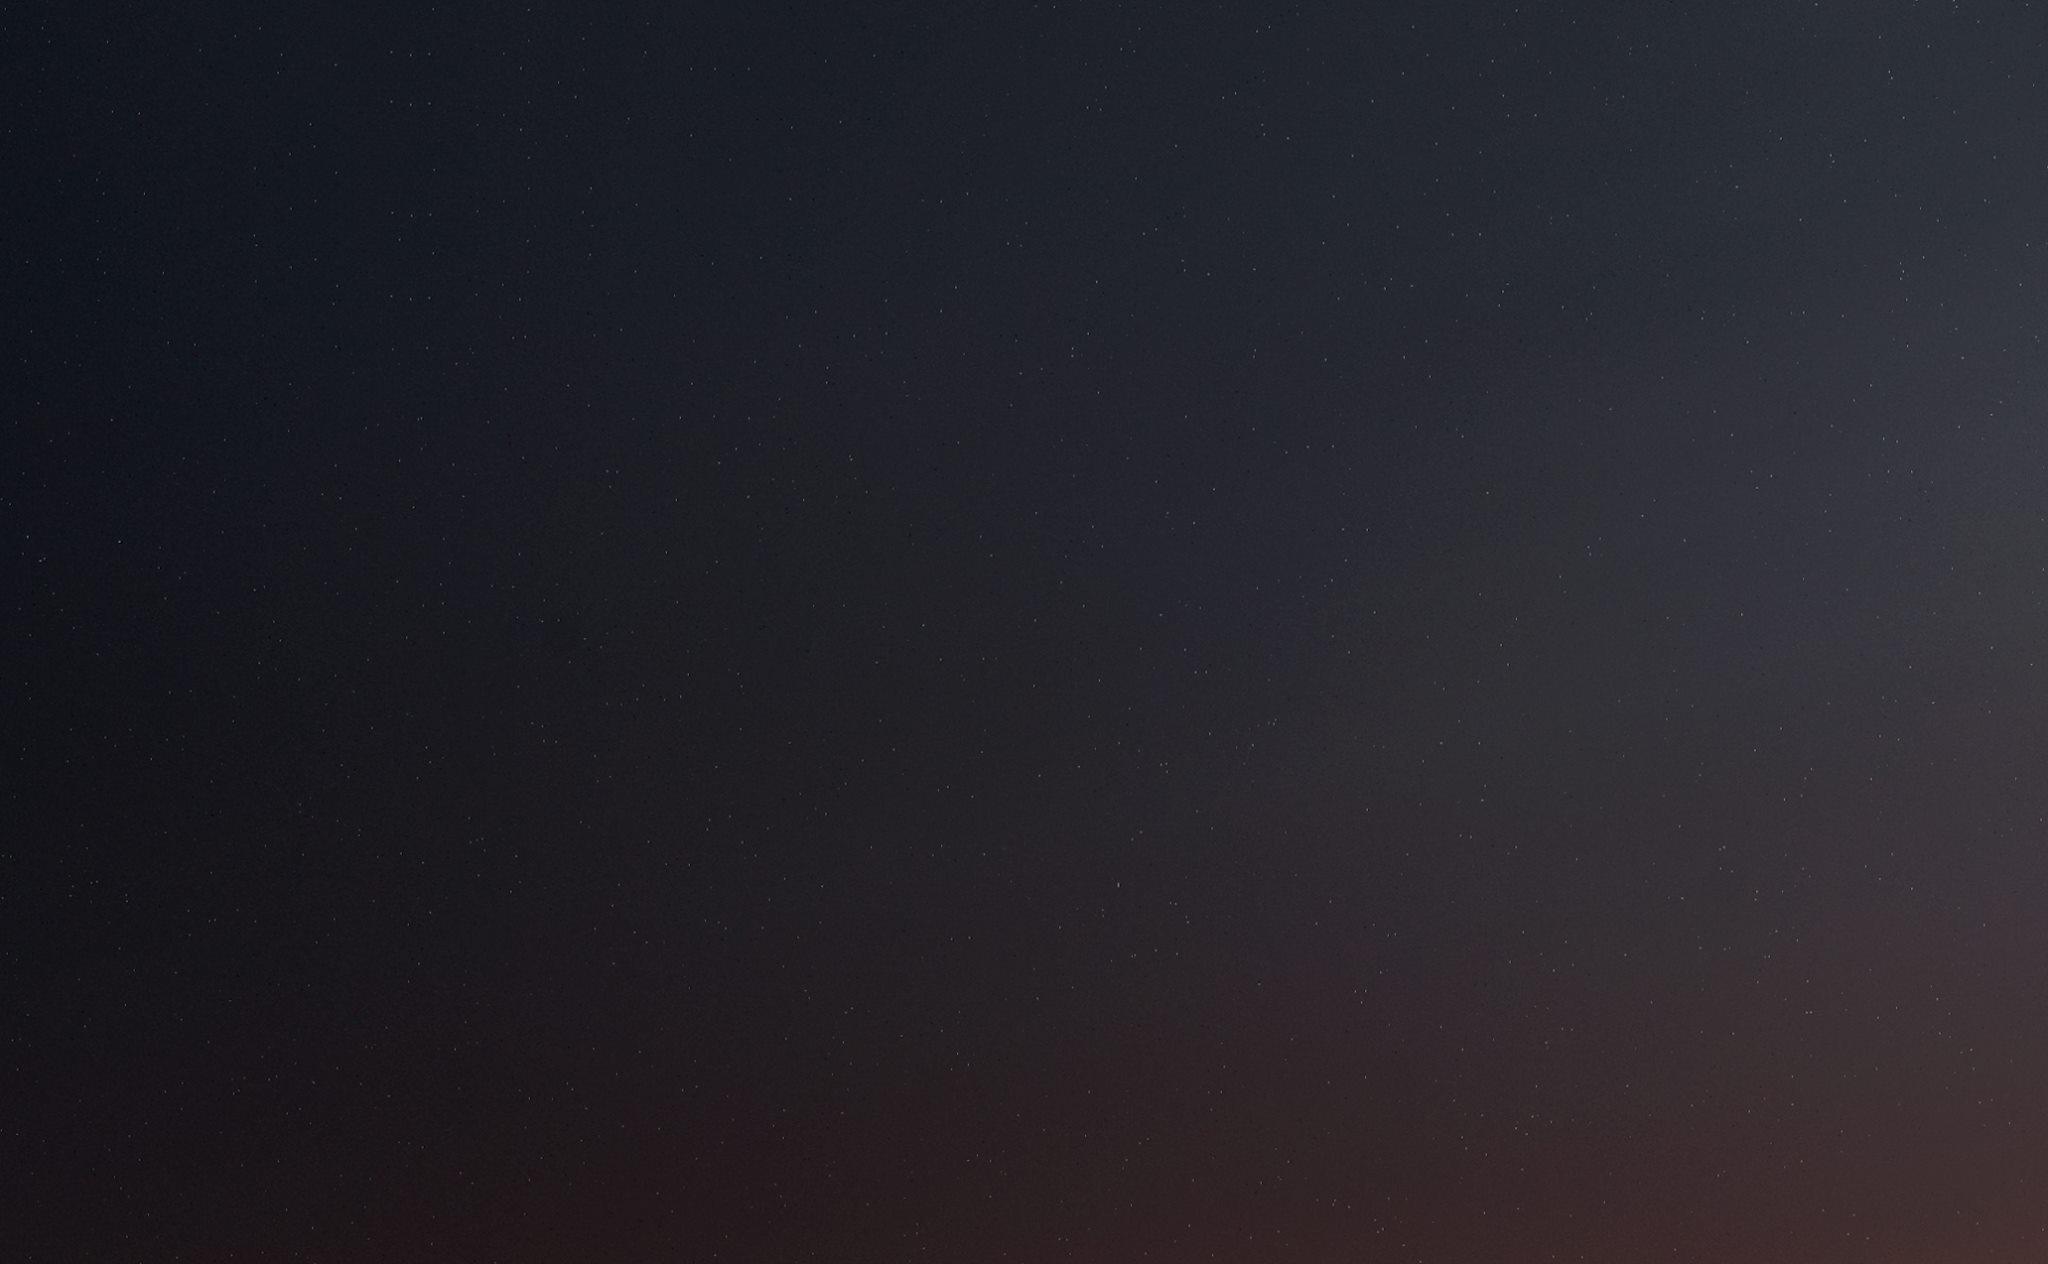 nikon D800 - problemes poses longues pixels morts